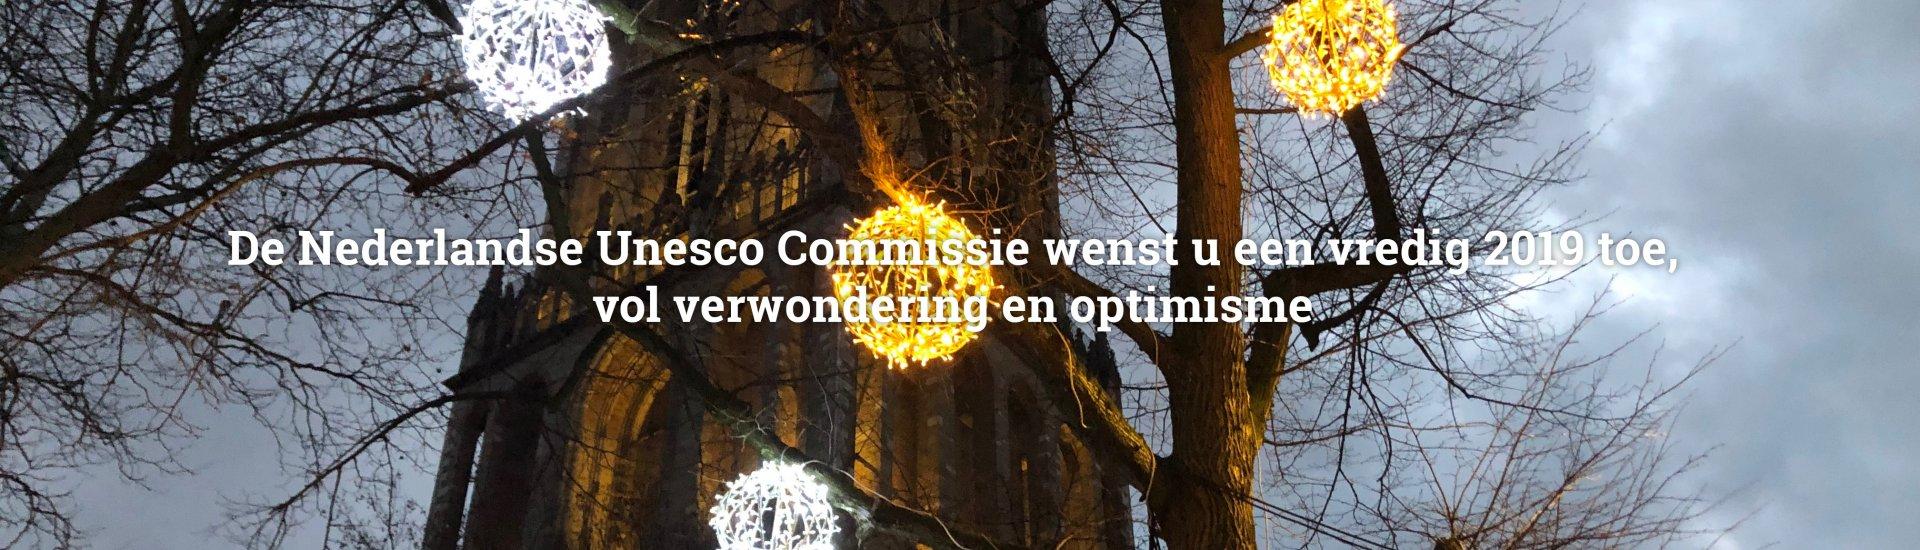 De Unesco Commissie Wenst Ieder Een Vredig 2019 Unesco Commissie